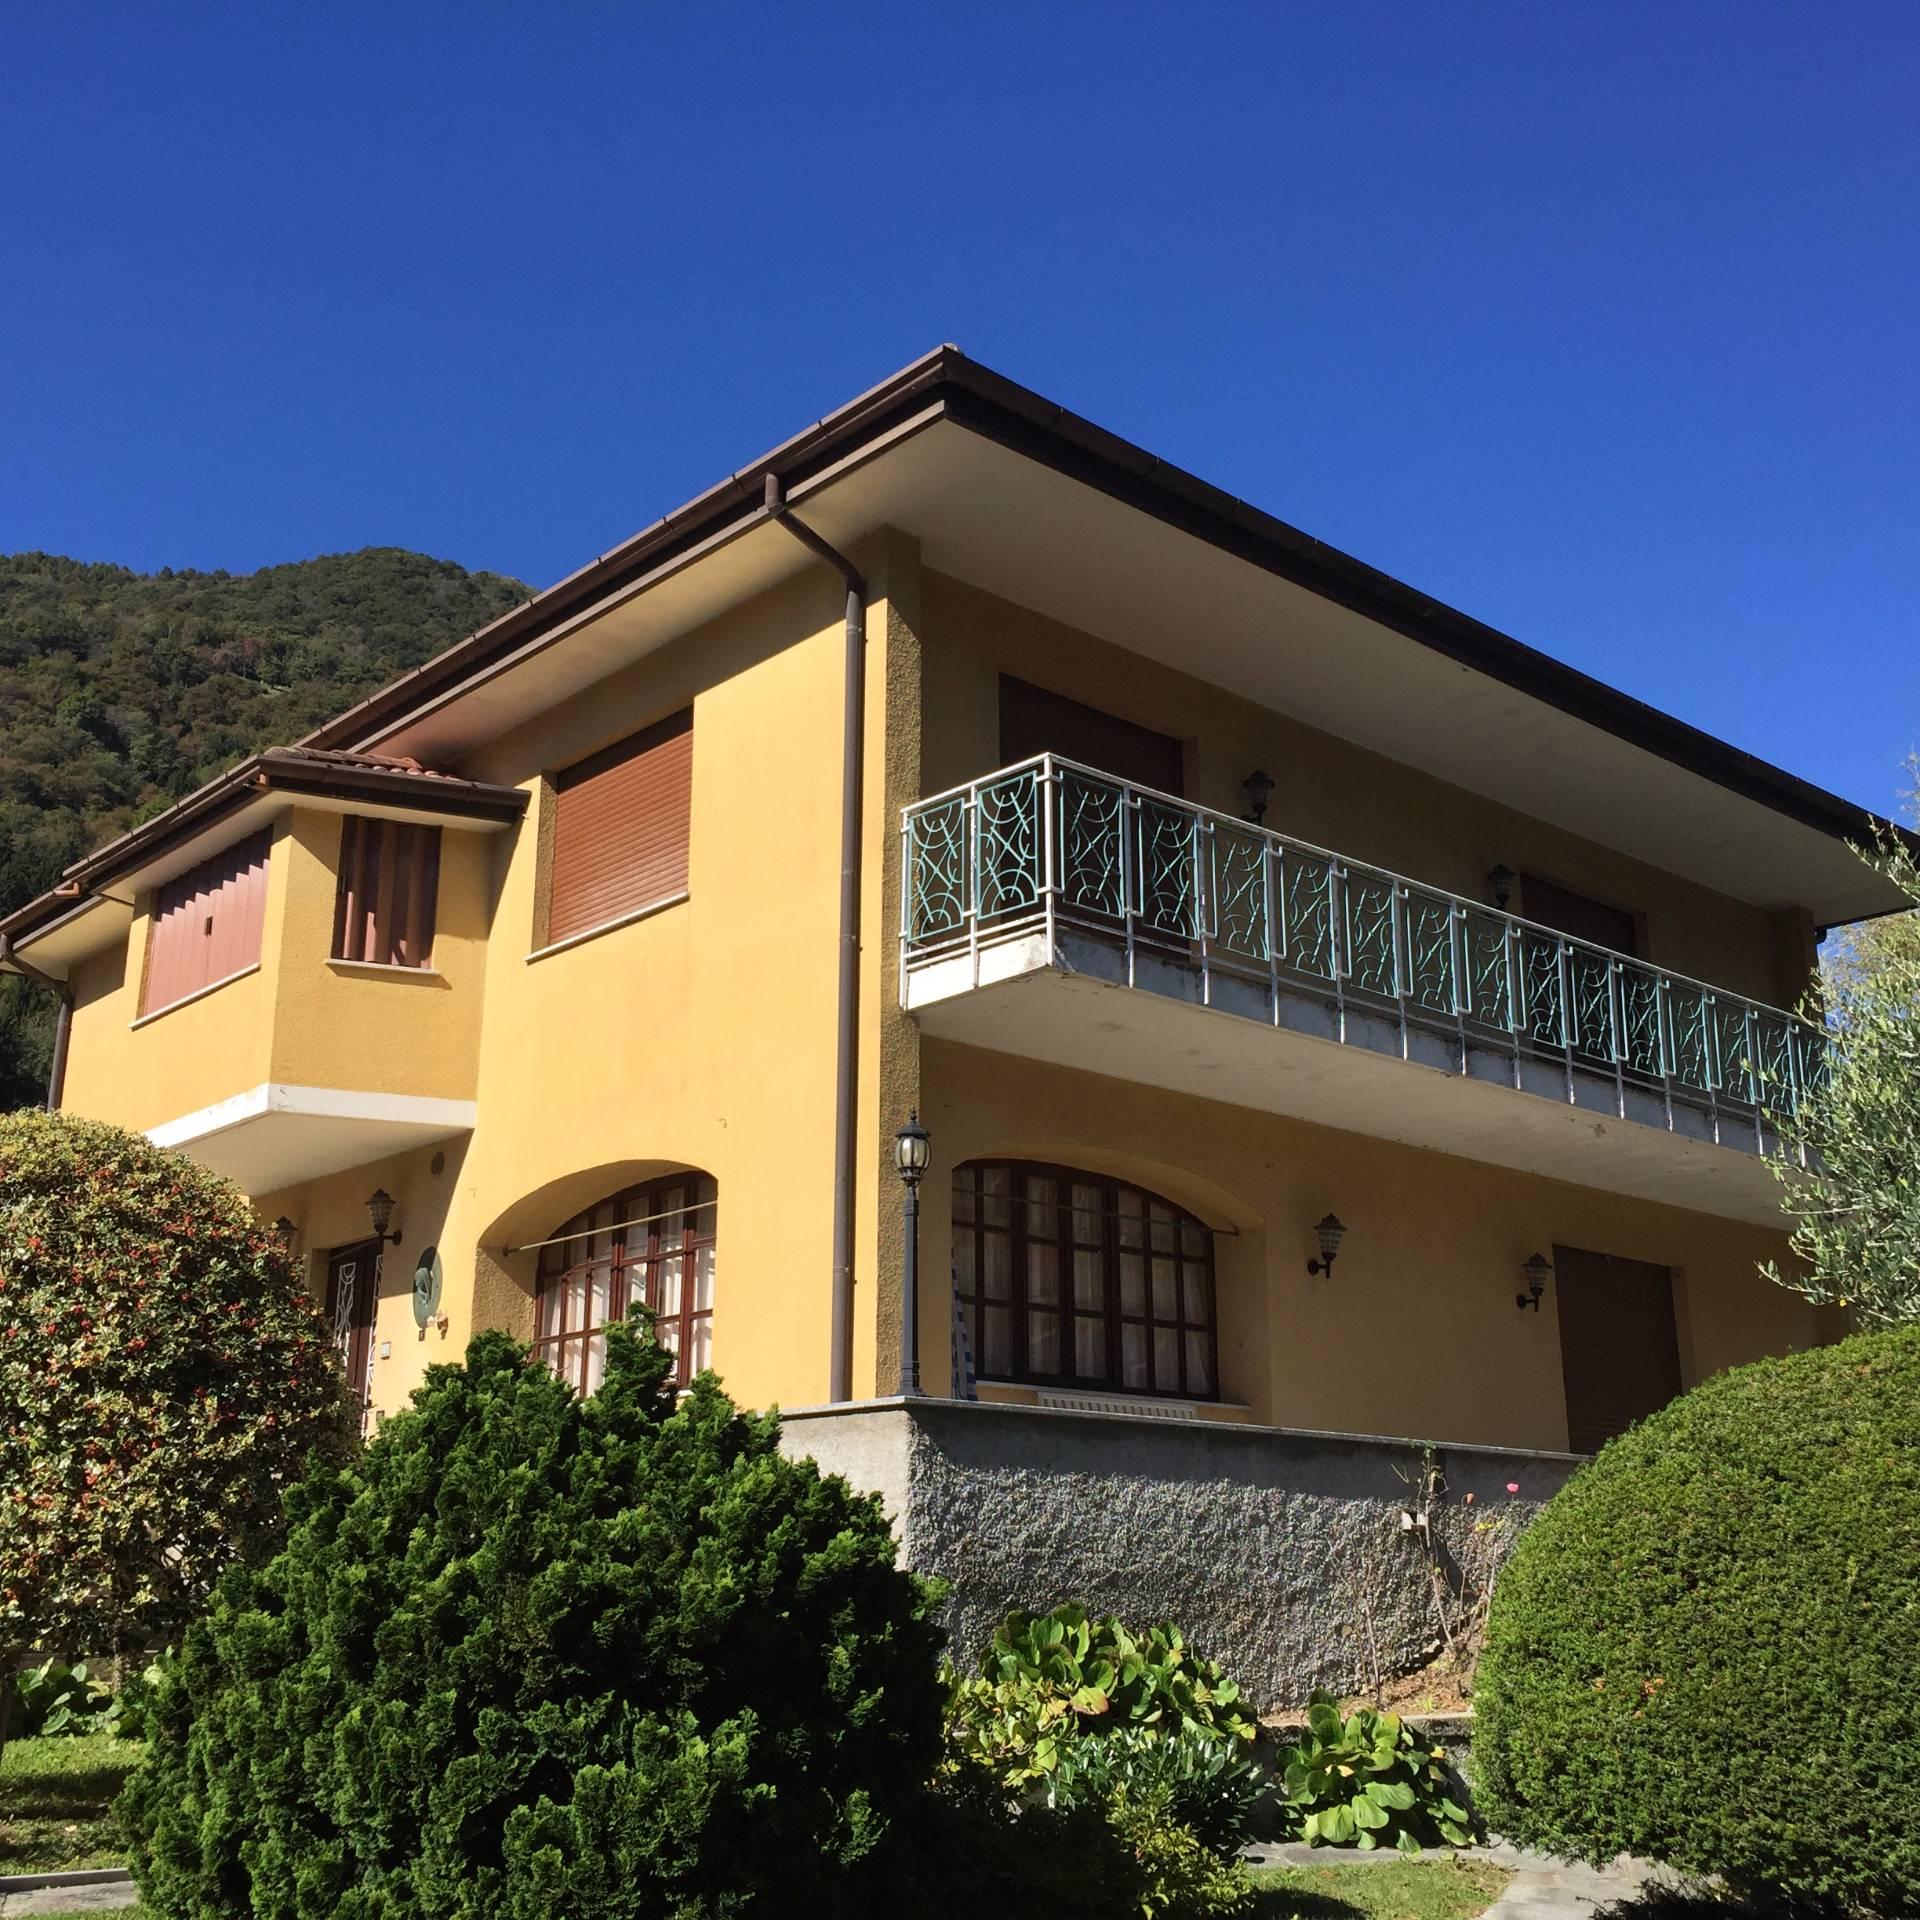 Villa in vendita a Valbrona, 8 locali, prezzo € 300.000 | CambioCasa.it